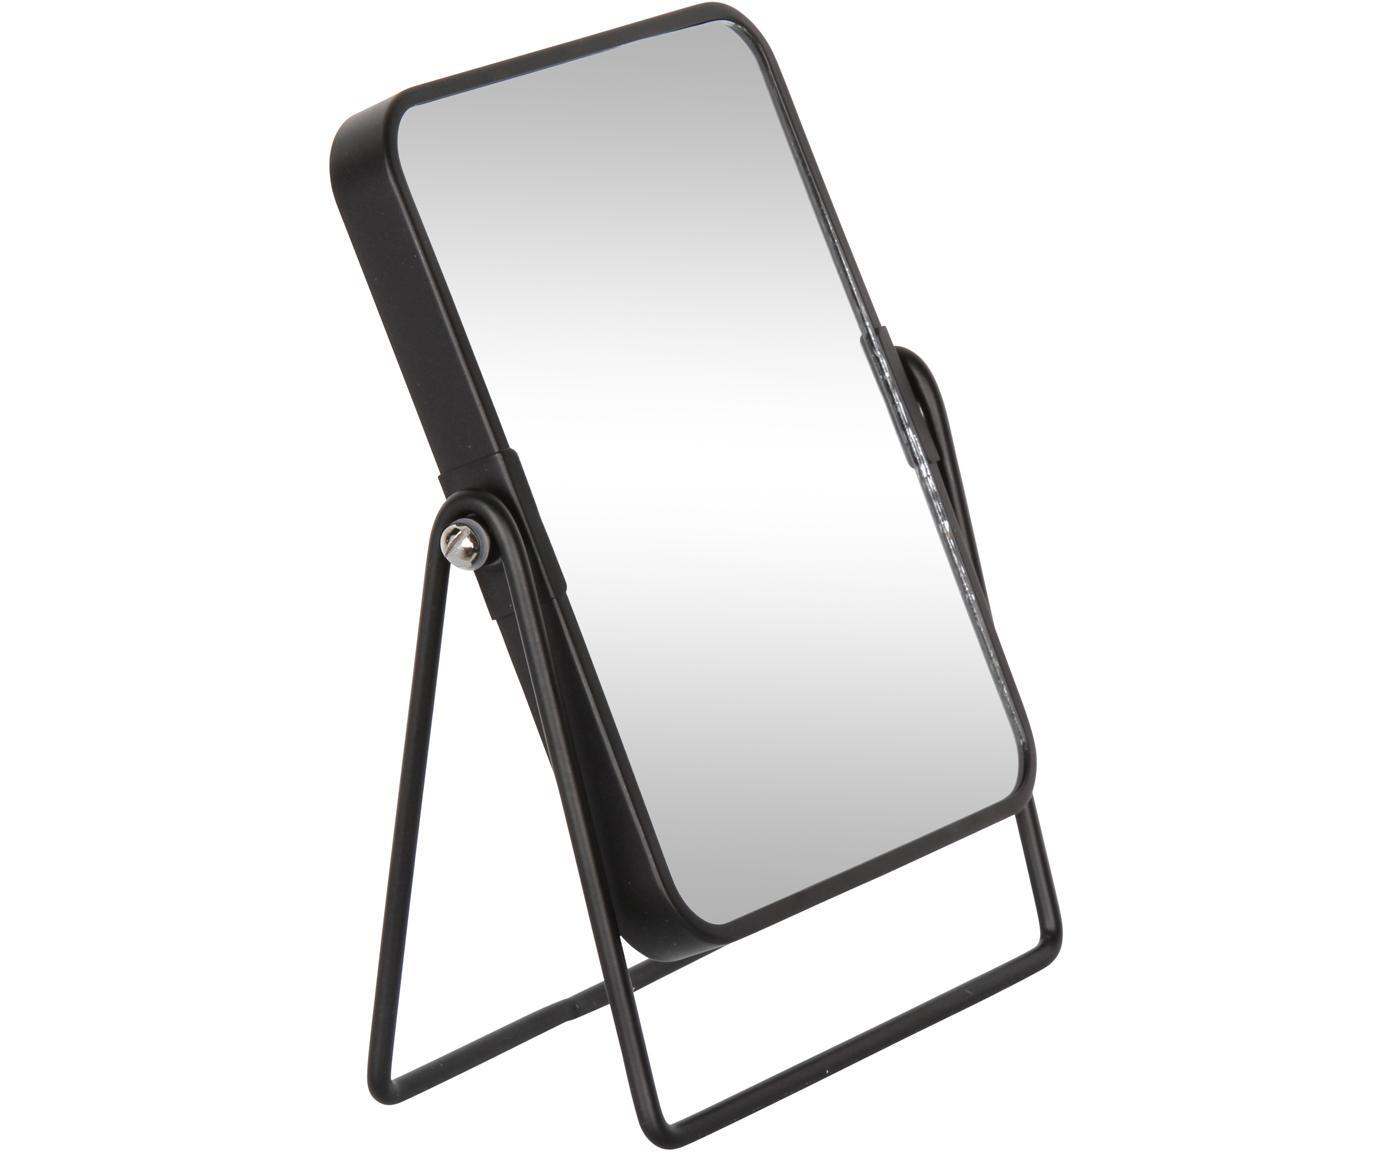 Lusterko kosmetyczne Doppio, Szkło, metal, Czarny, lustrzany, S 16 x W 21 cm